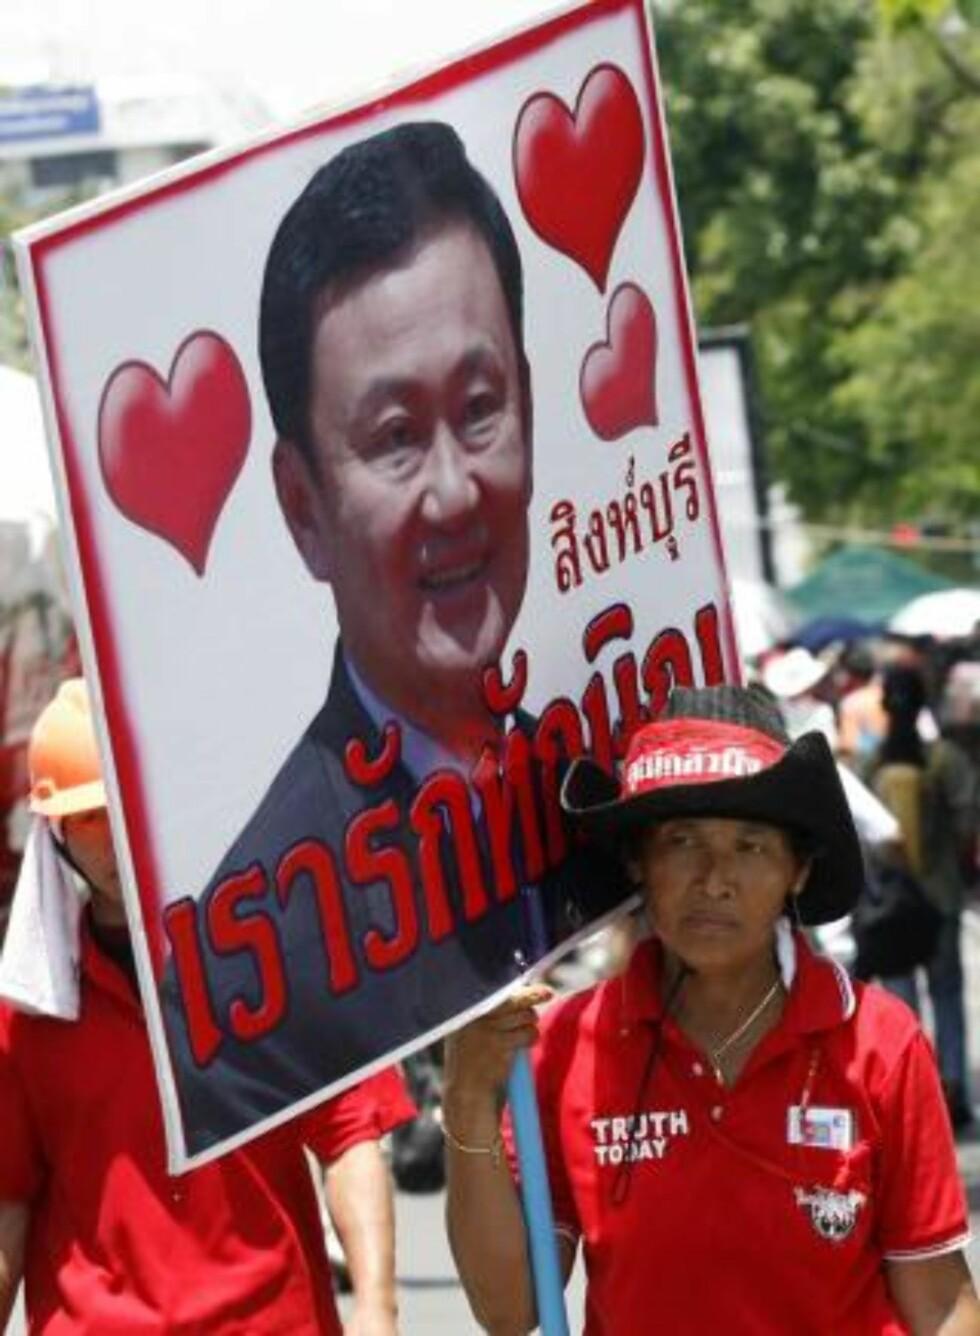 MANGE STØTTESPILLERE: Tilhengere av Thailands eksstatsminister Thaksin Shinawatra bærer med seg et bilde av det styrtede regjeringssjefen etter å ha avsluttet en okkupasjon i regjeringsområdet i Bangkok i dag. Foto: REUTERS/SCANPIX